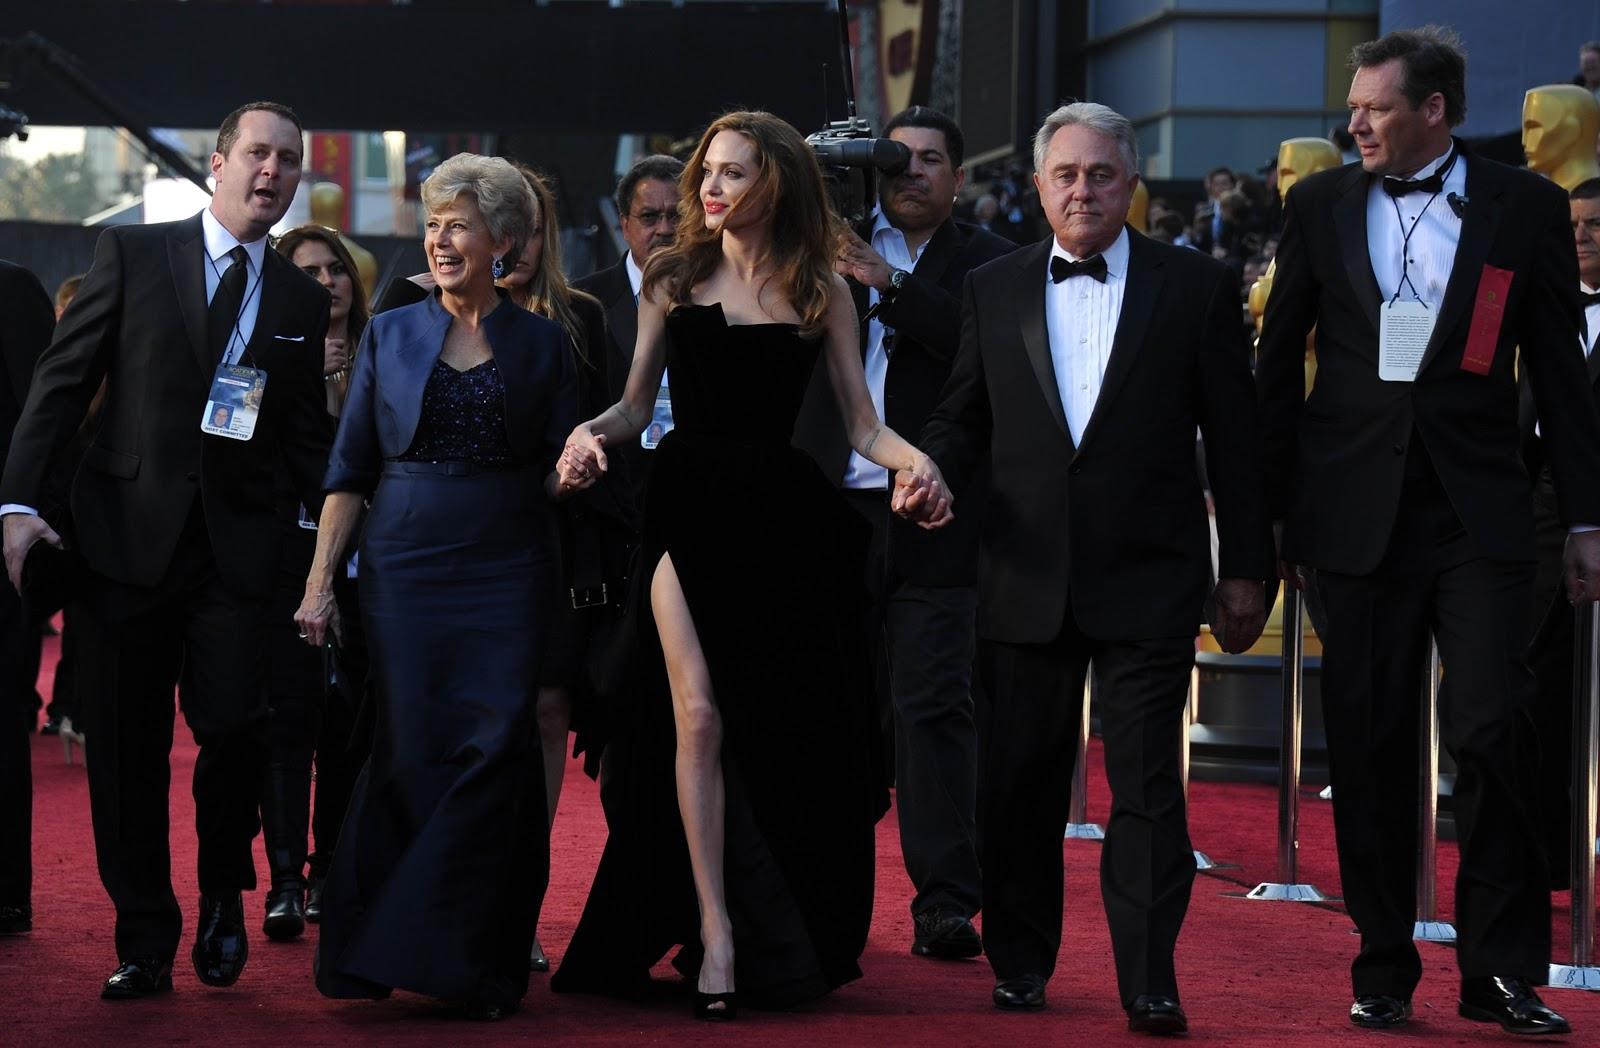 http://3.bp.blogspot.com/-GlRI3TjIRDw/UMN7MDvvFbI/AAAAAAAABiI/V1gK4CAXRWc/s1600/Angelina+Jolie+Oscars+2012+Photos.jpg